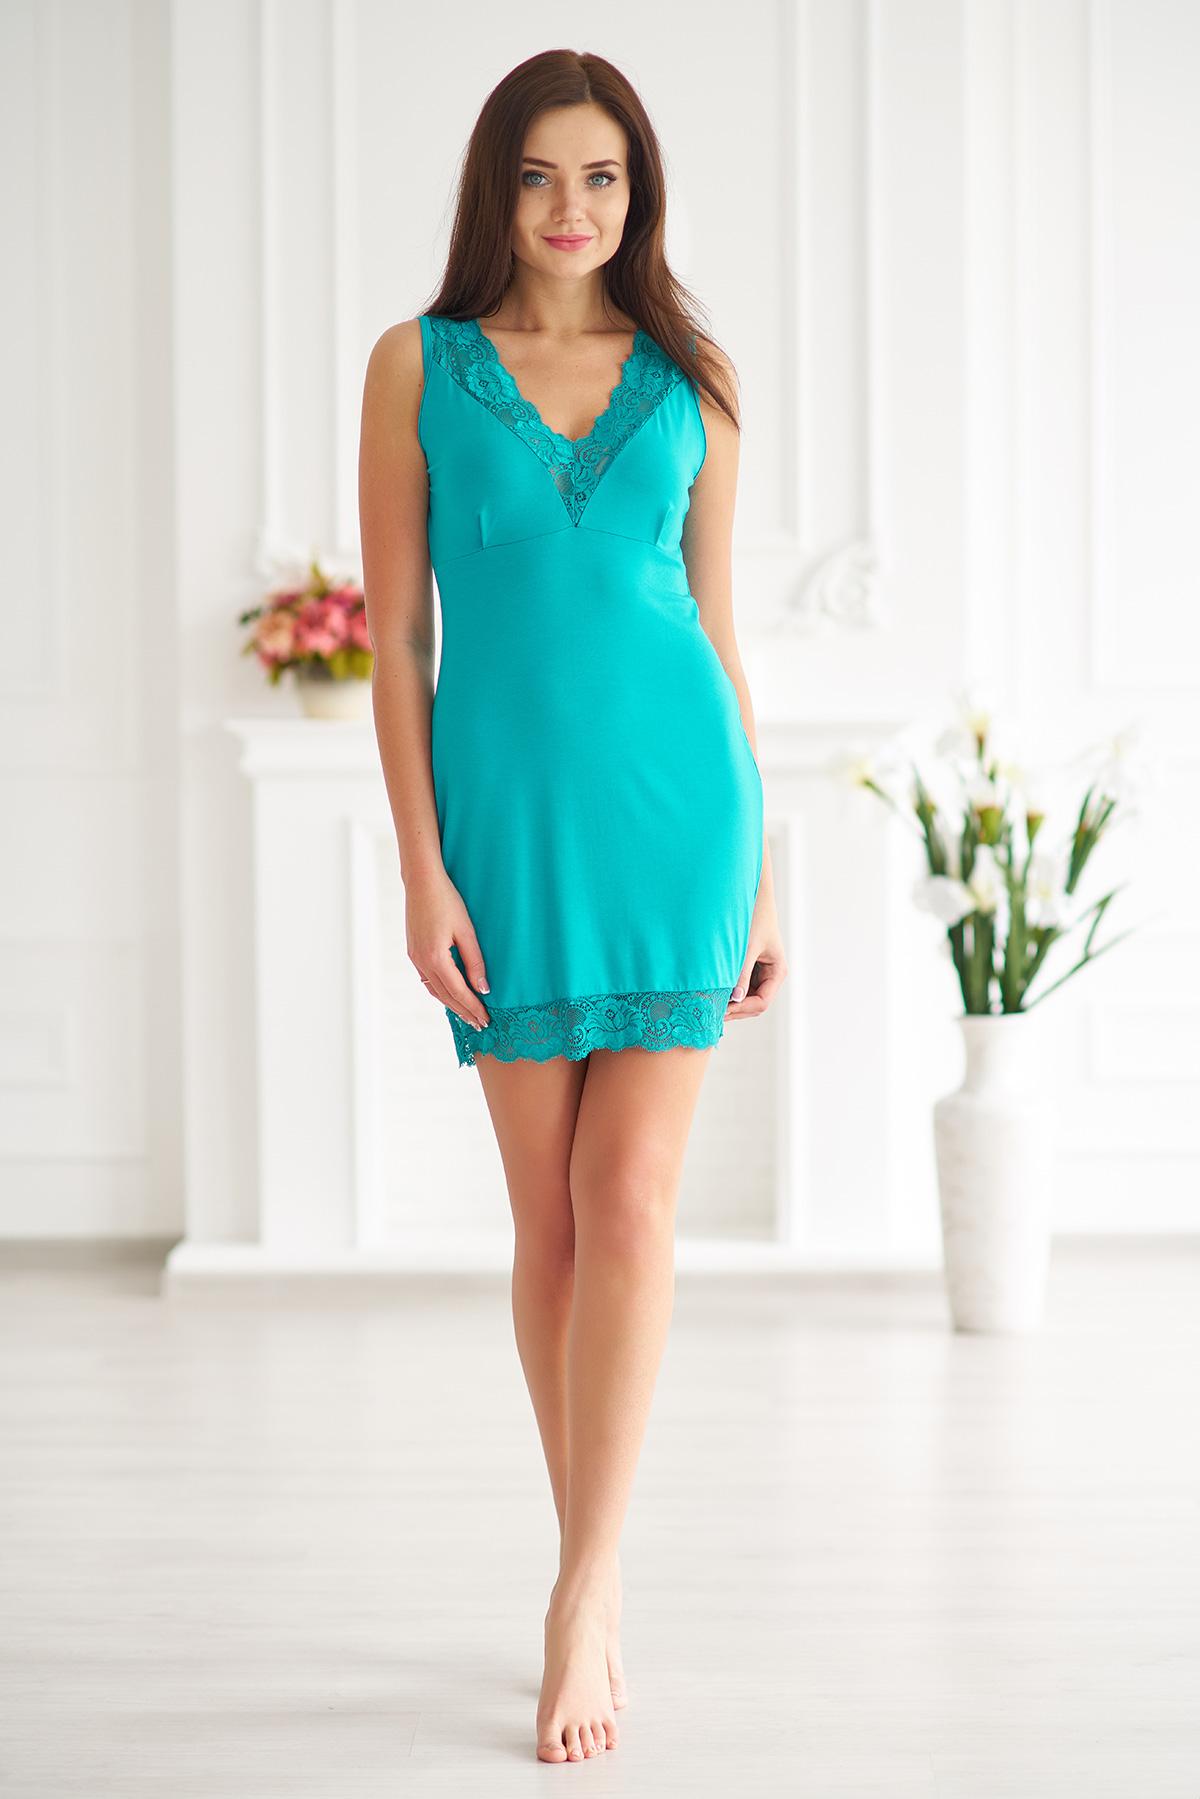 Жен. сорочка арт. 19-0006 Изумрудный р. 44Ночные сорочки<br>Факт. ОГ: 70 см <br>Факт. ОТ: 78 см <br>Факт. ОБ: 90 см <br>Длина по спинке: 76 см<br><br>Тип: Жен. сорочка<br>Размер: 44<br>Материал: Вискоза